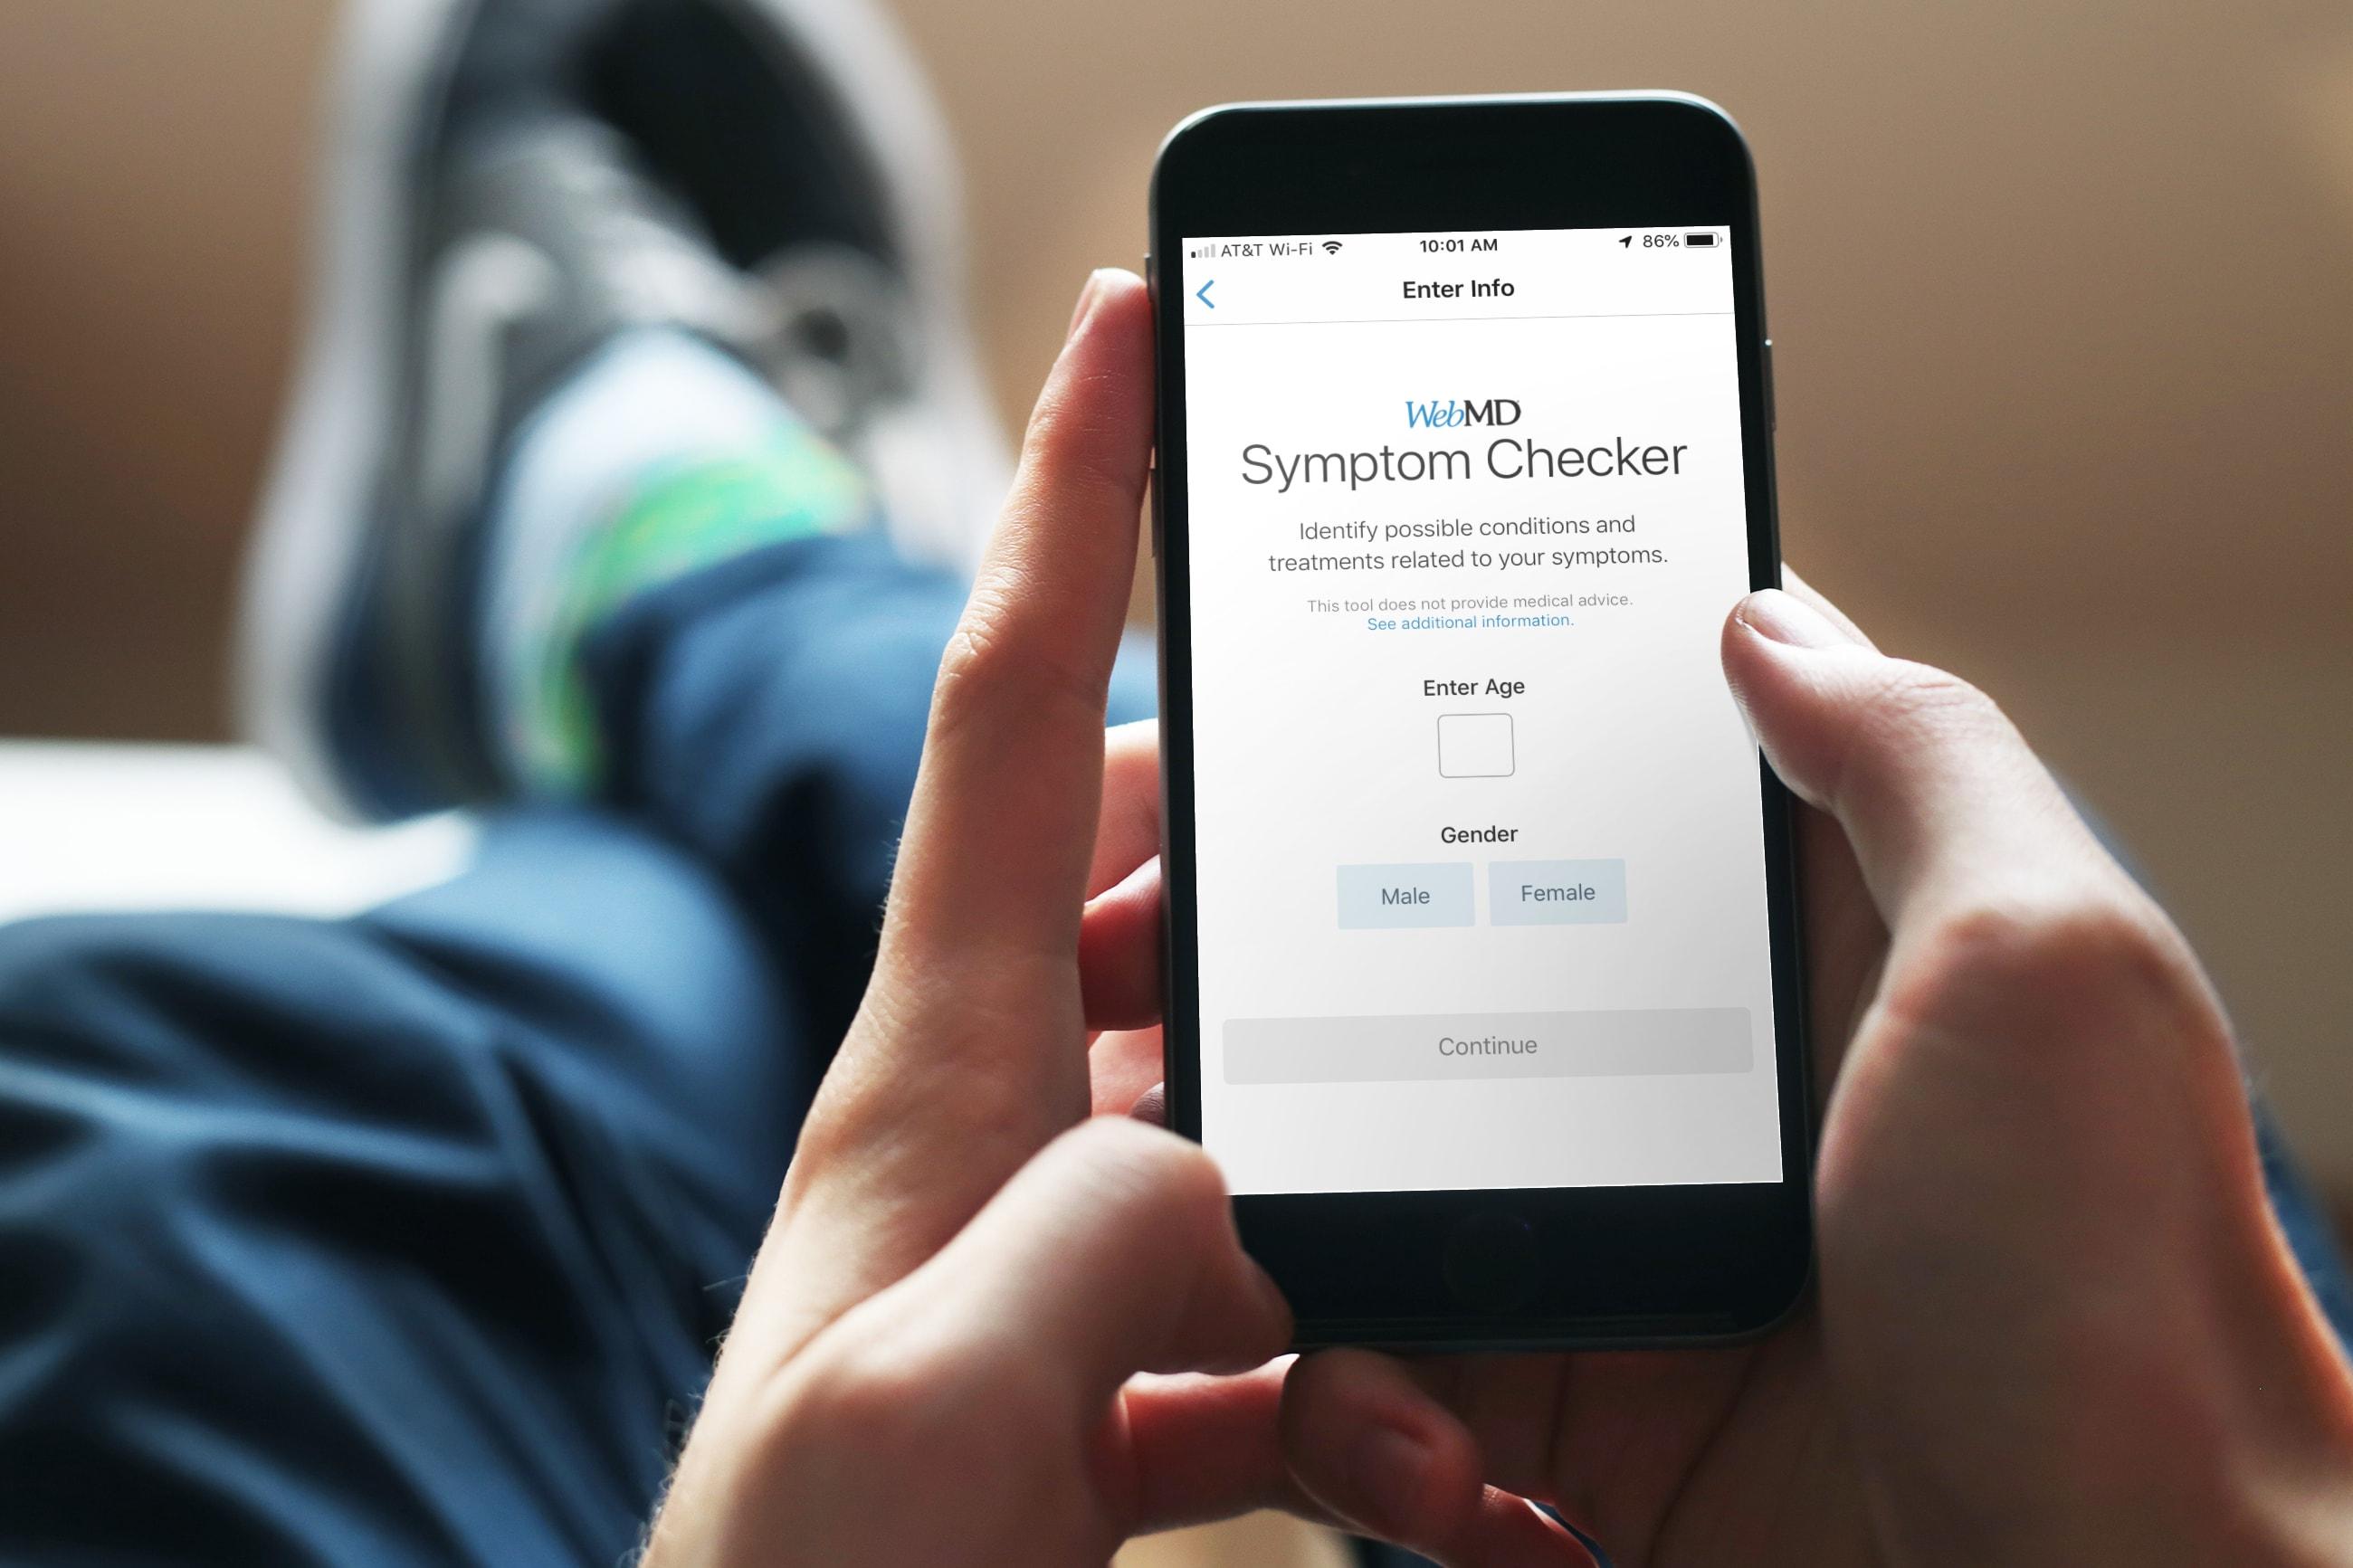 Aplicaciones de información médica iPhone - WebMD